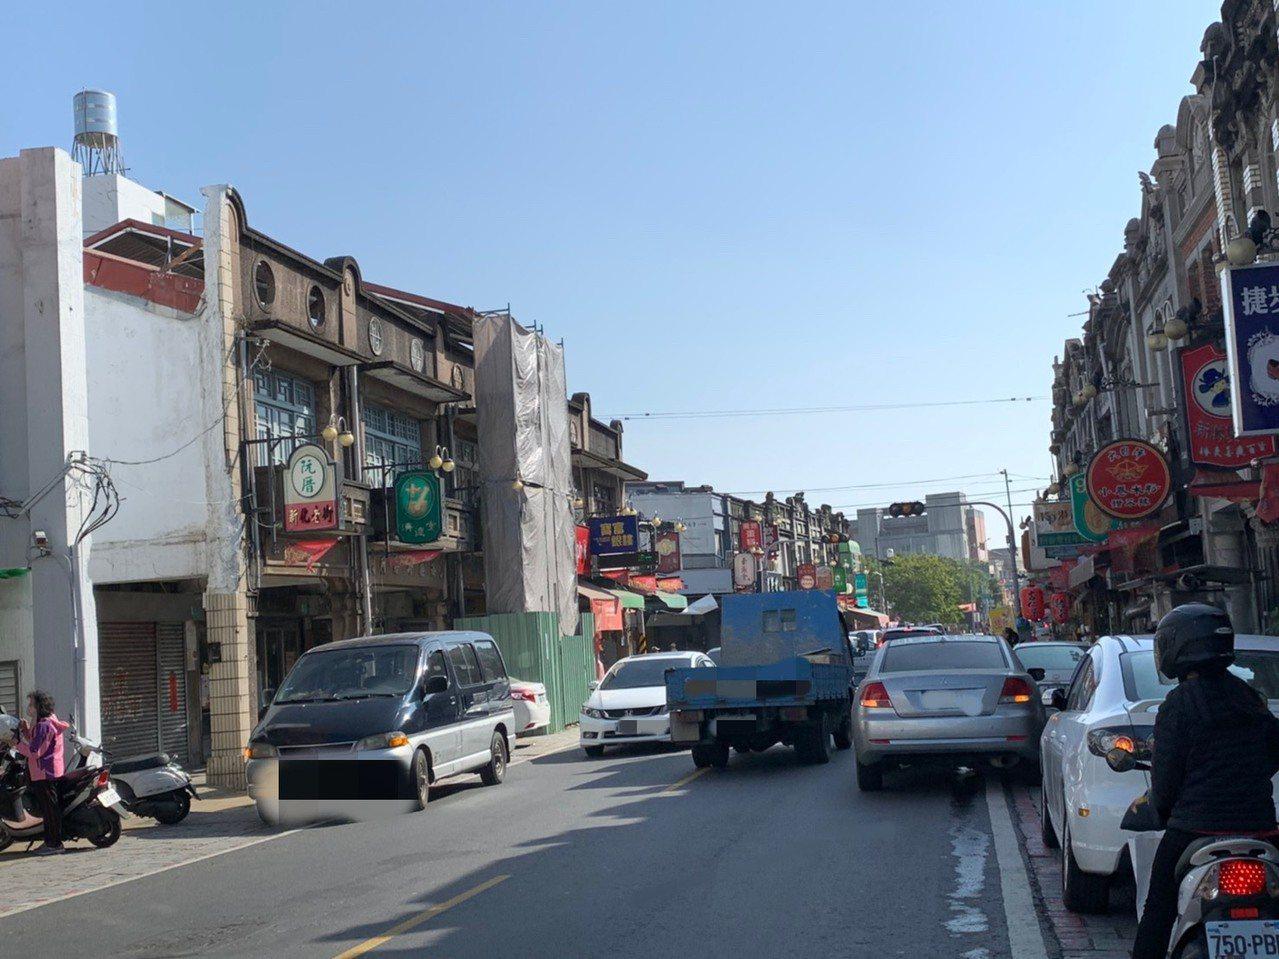 新化老街并排违规停车情形严重,警方加强取缔。记者吴淑玲/摄影